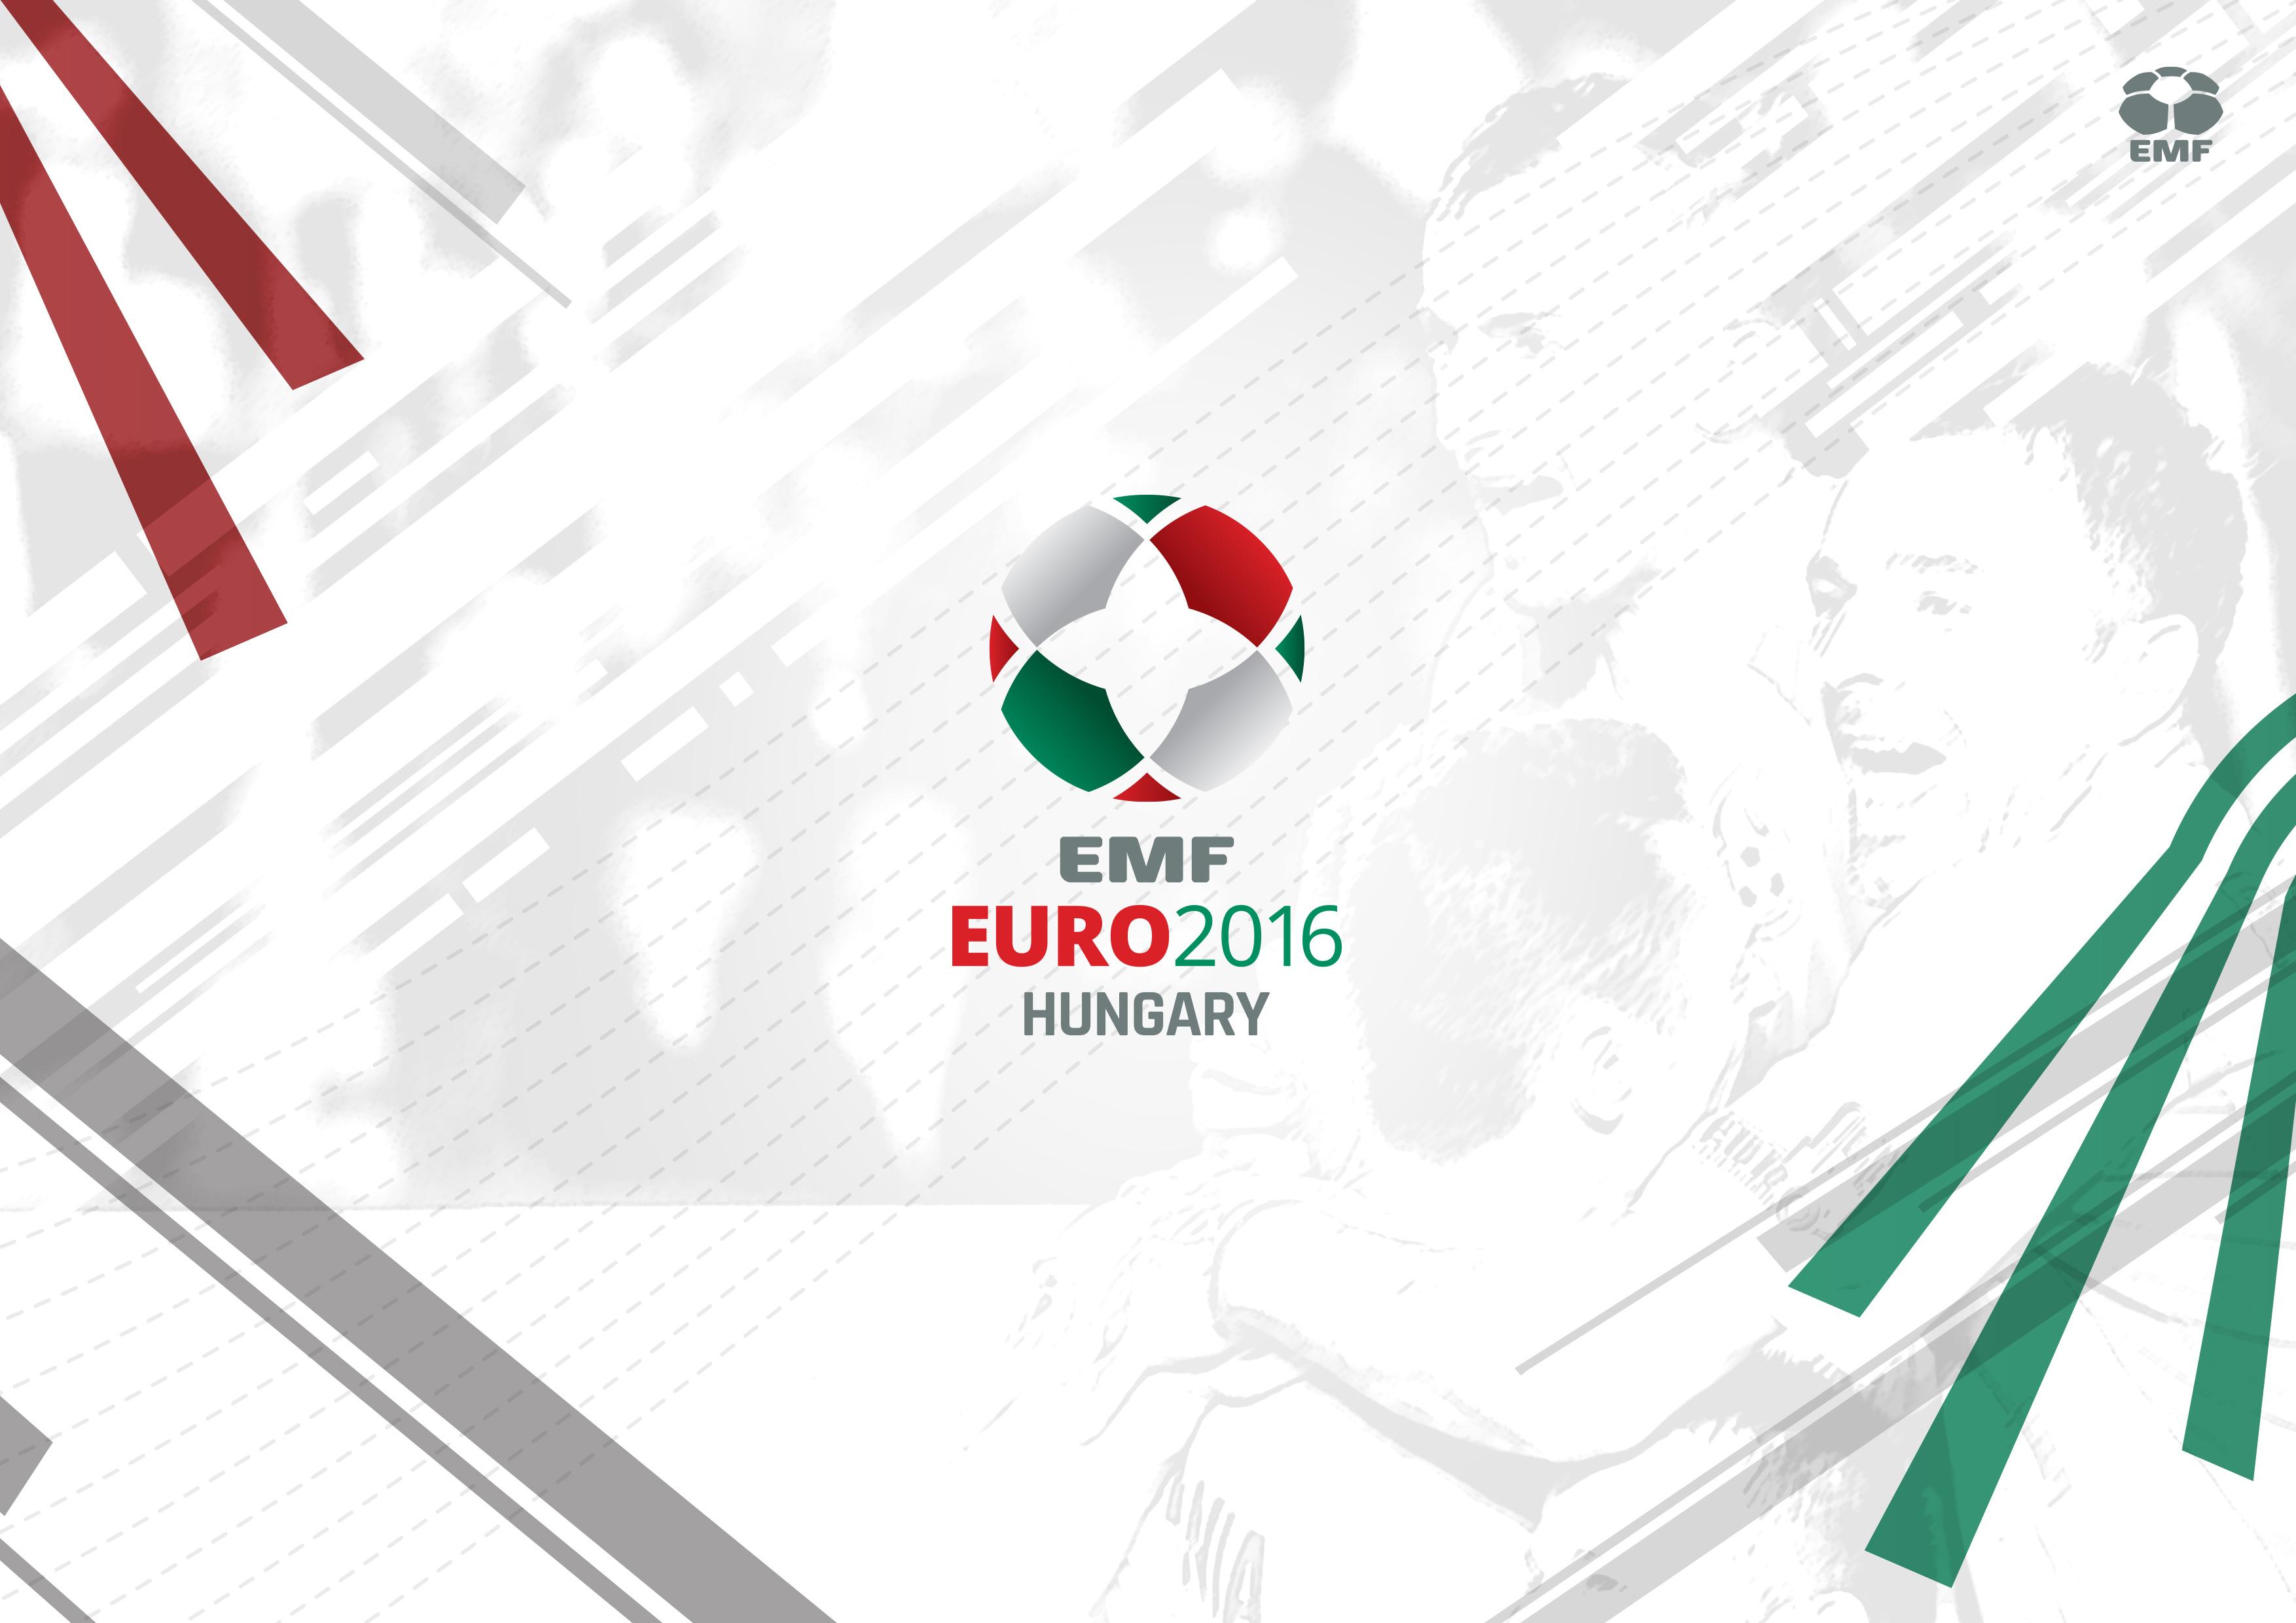 EMF-EURO-2016-logotip-artwork-4-3508x2480